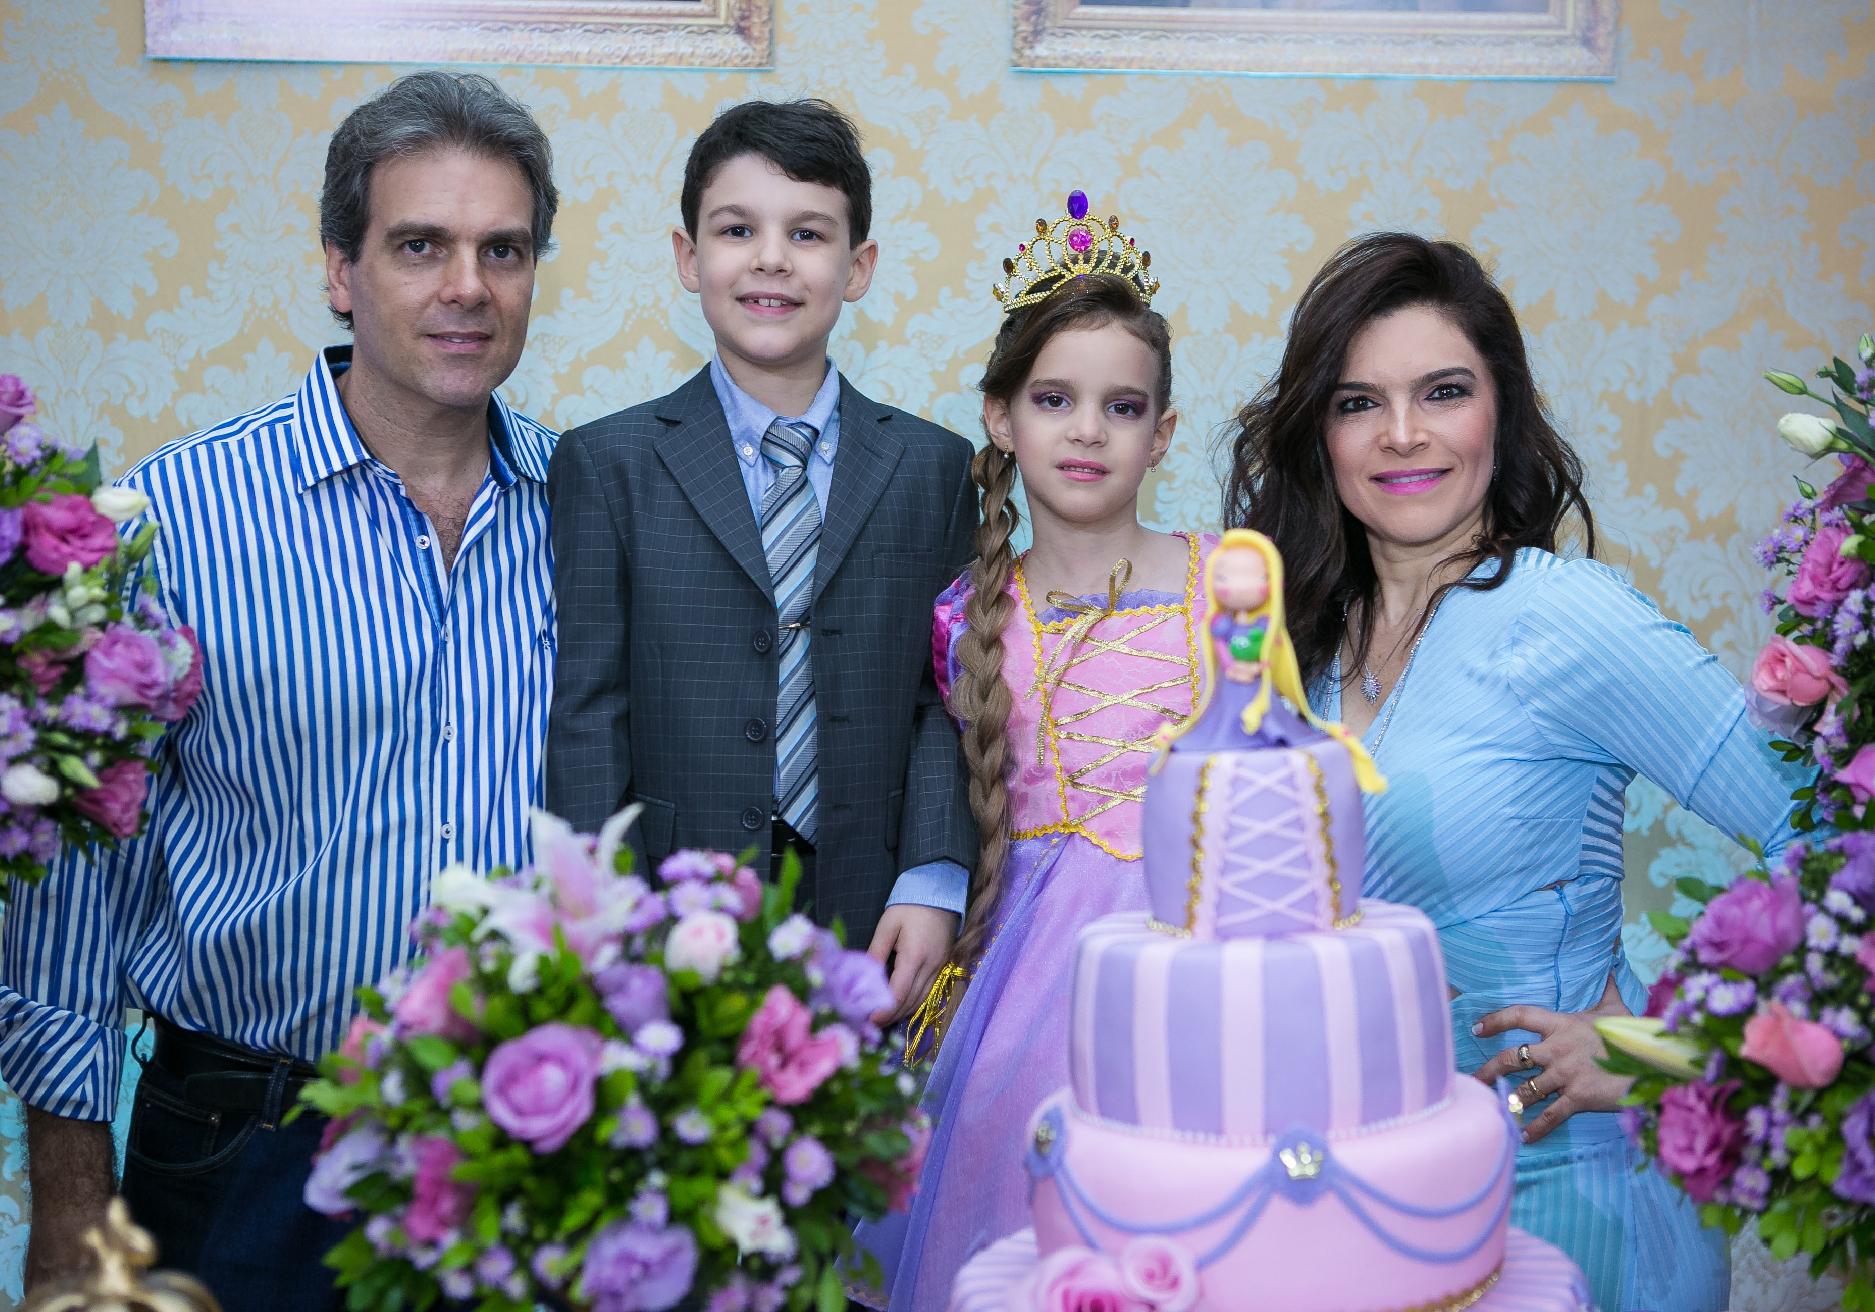 Festa! | Gabriela Coretti comemora aniversário com tema da Rapunzel